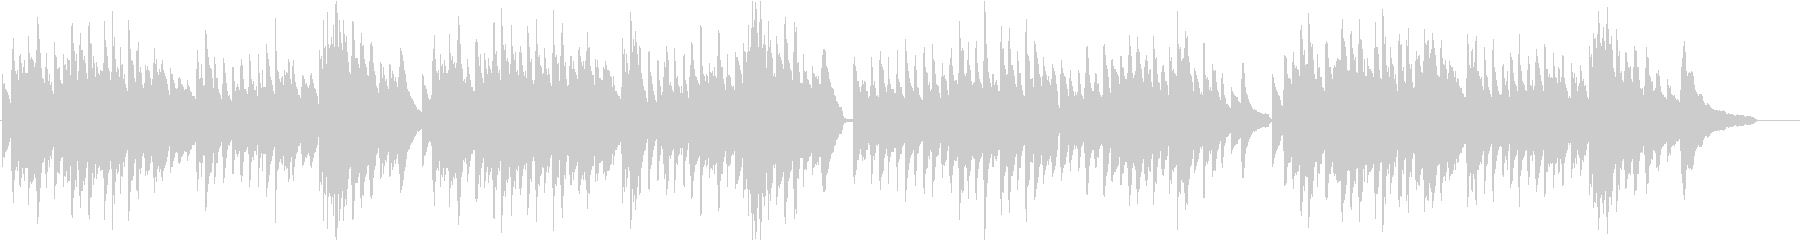 美しく心に響くワルツをピアノでの未再生の波形